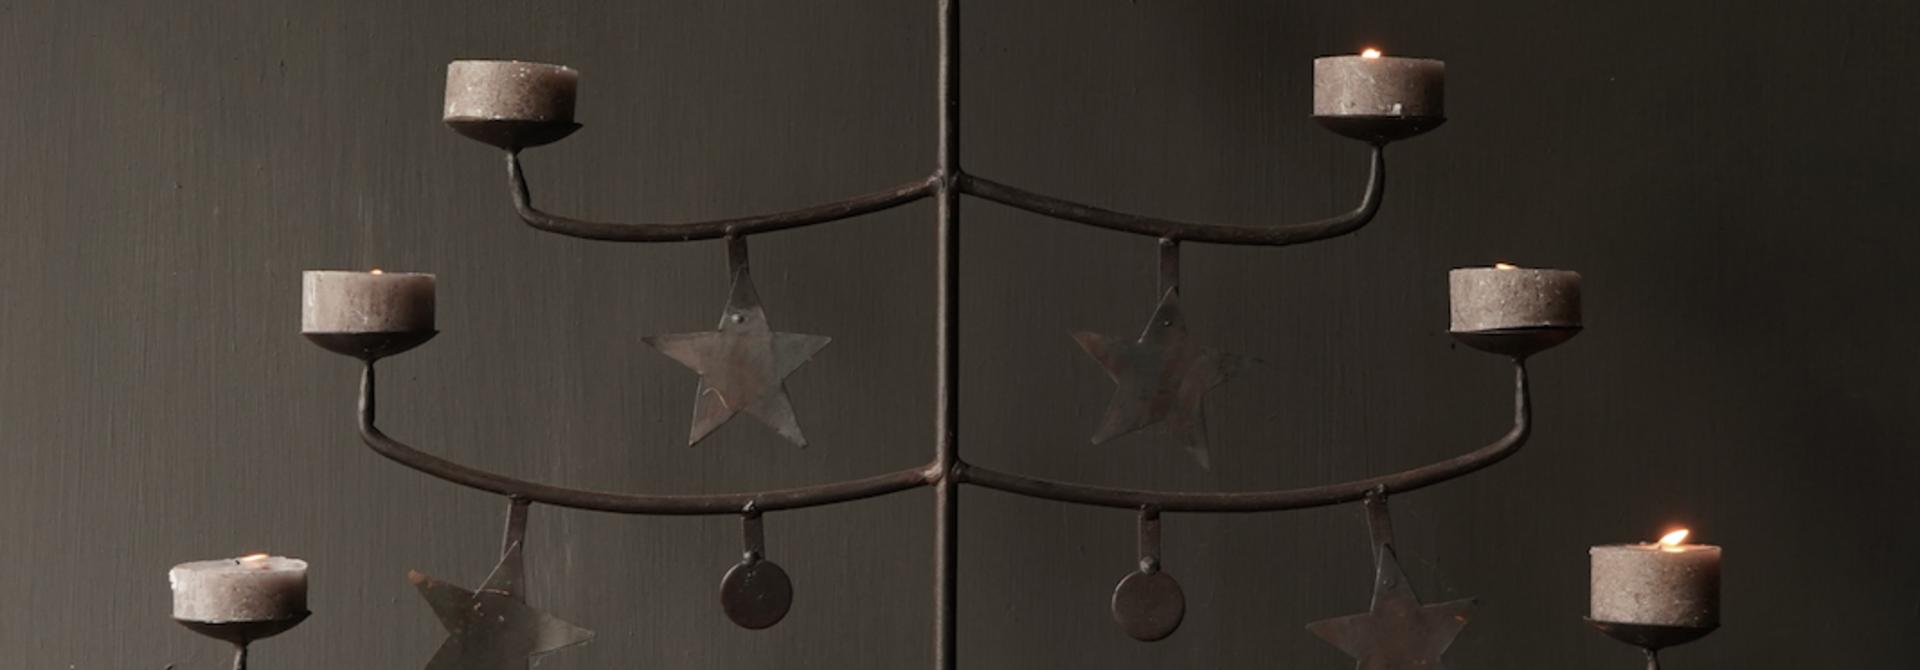 Eisenleuchter mit Sternen